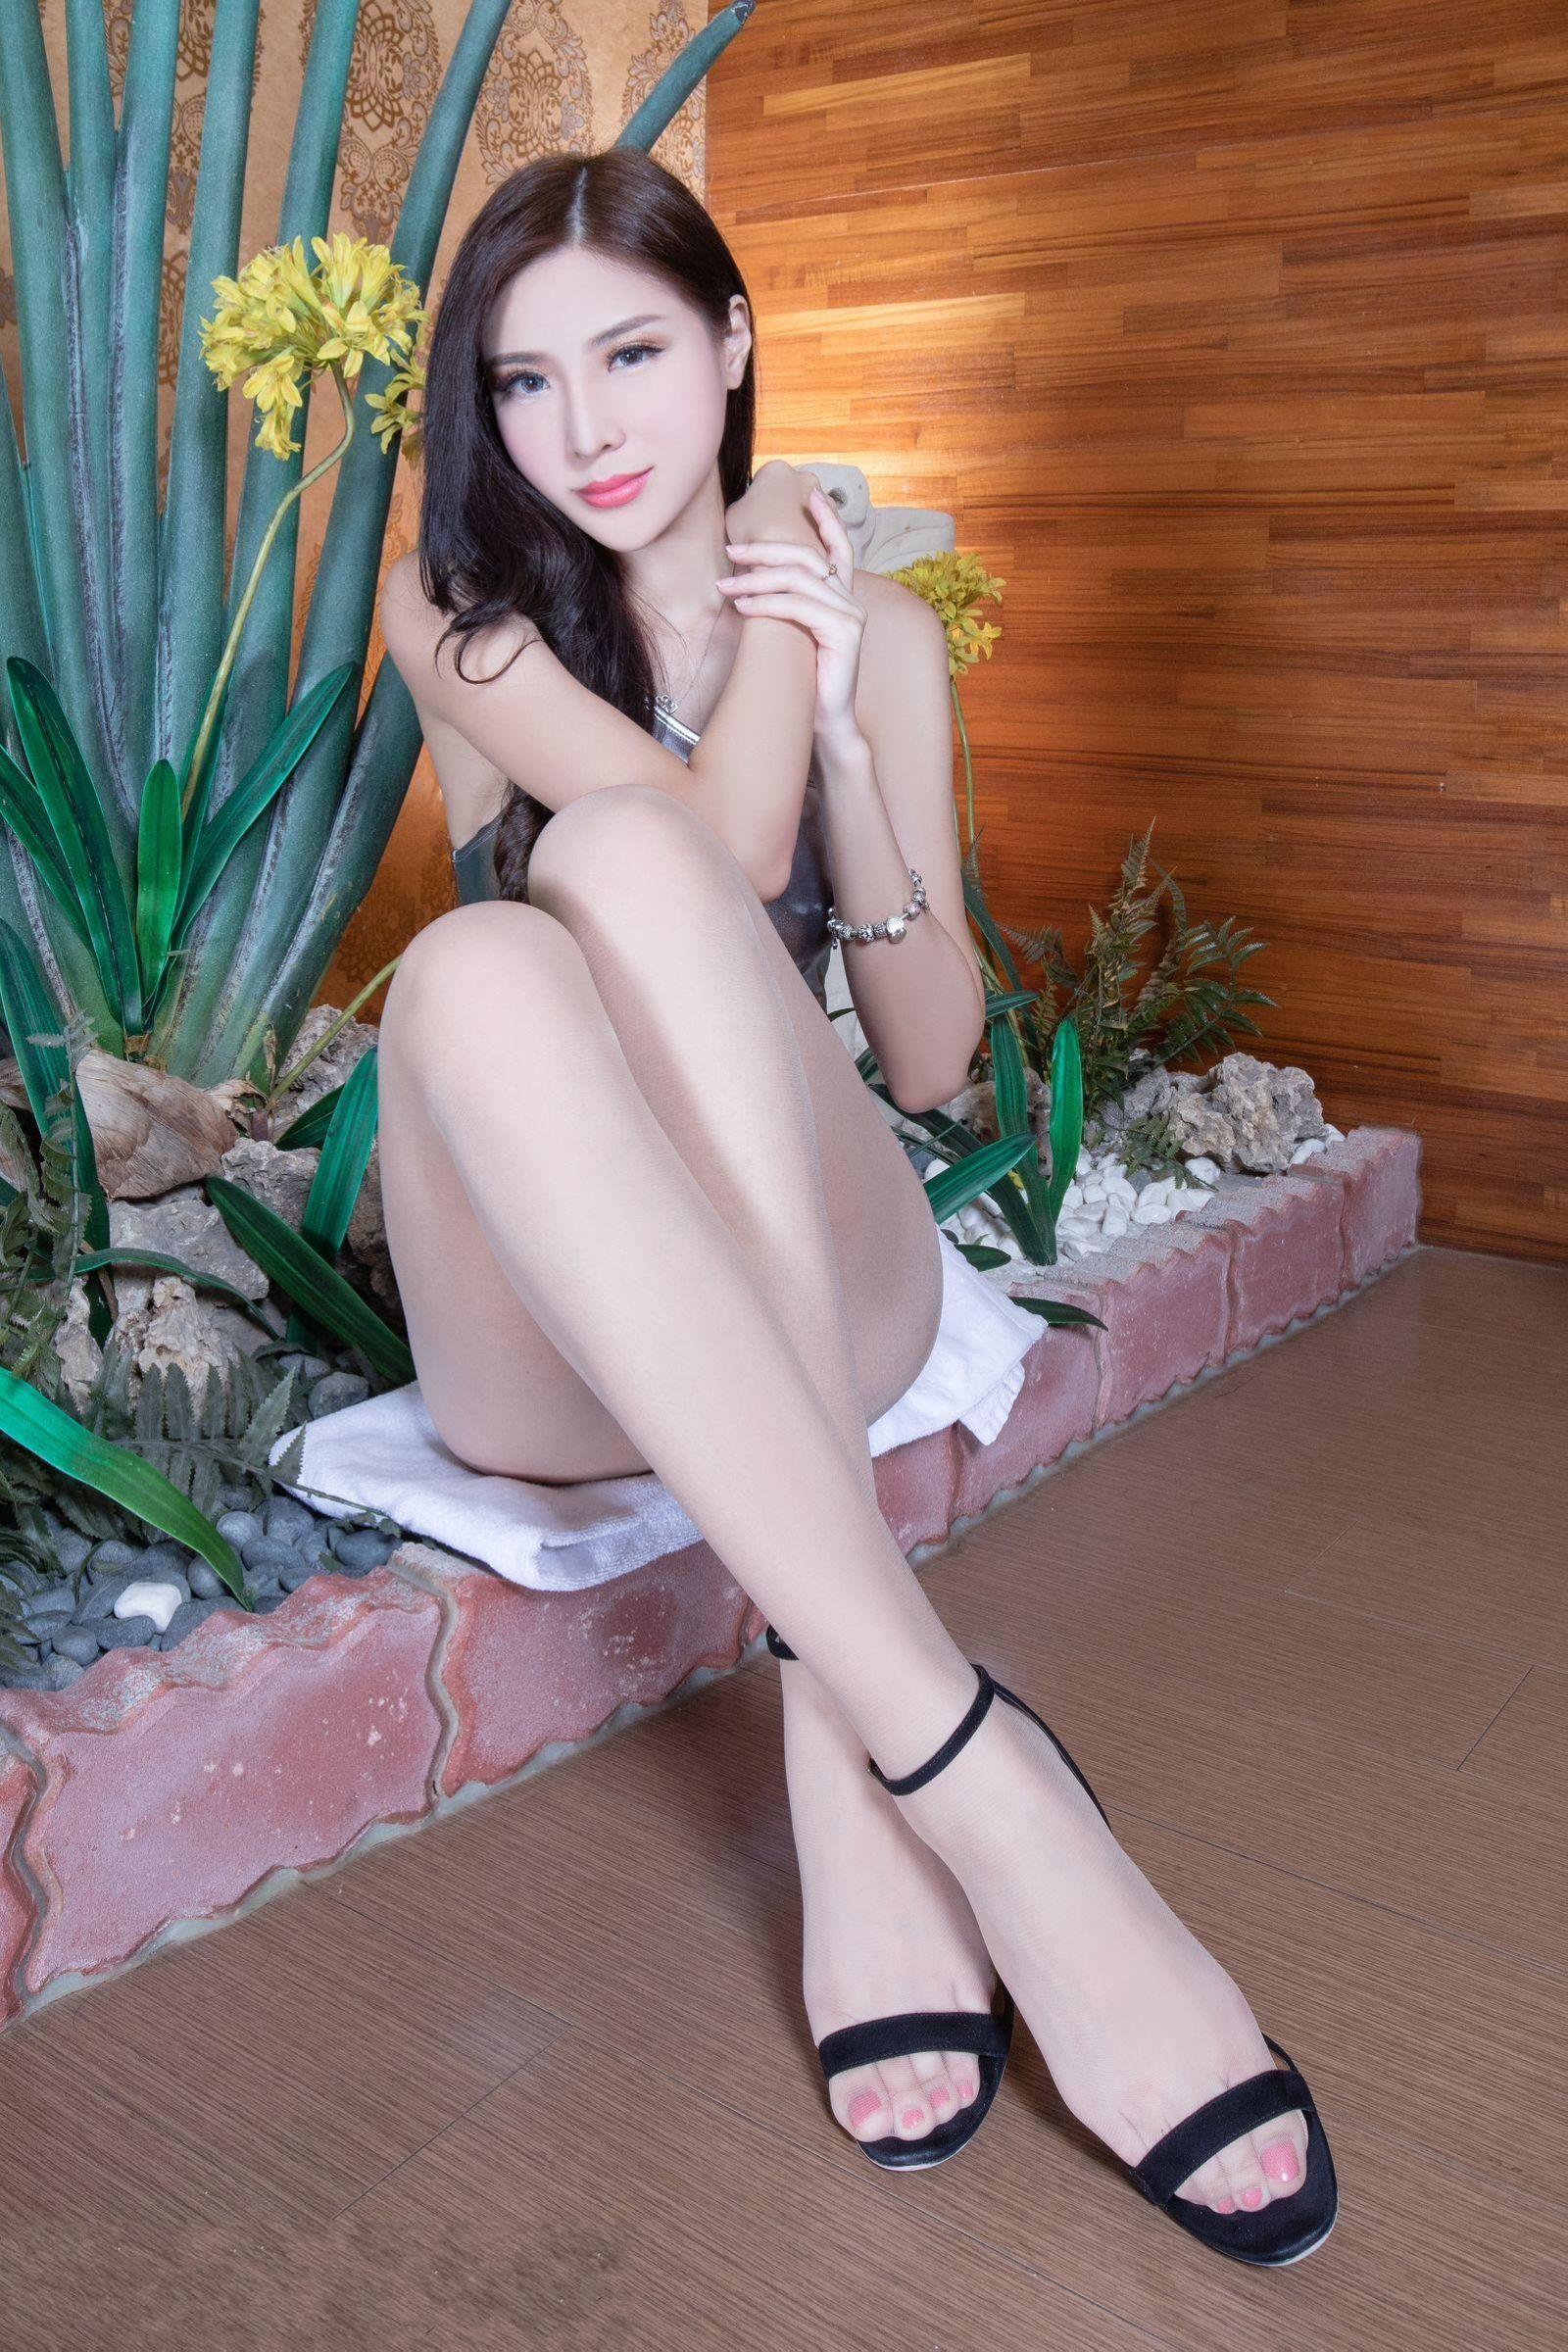 _逆天大长腿美女腿模银色连体衣性感写真图片